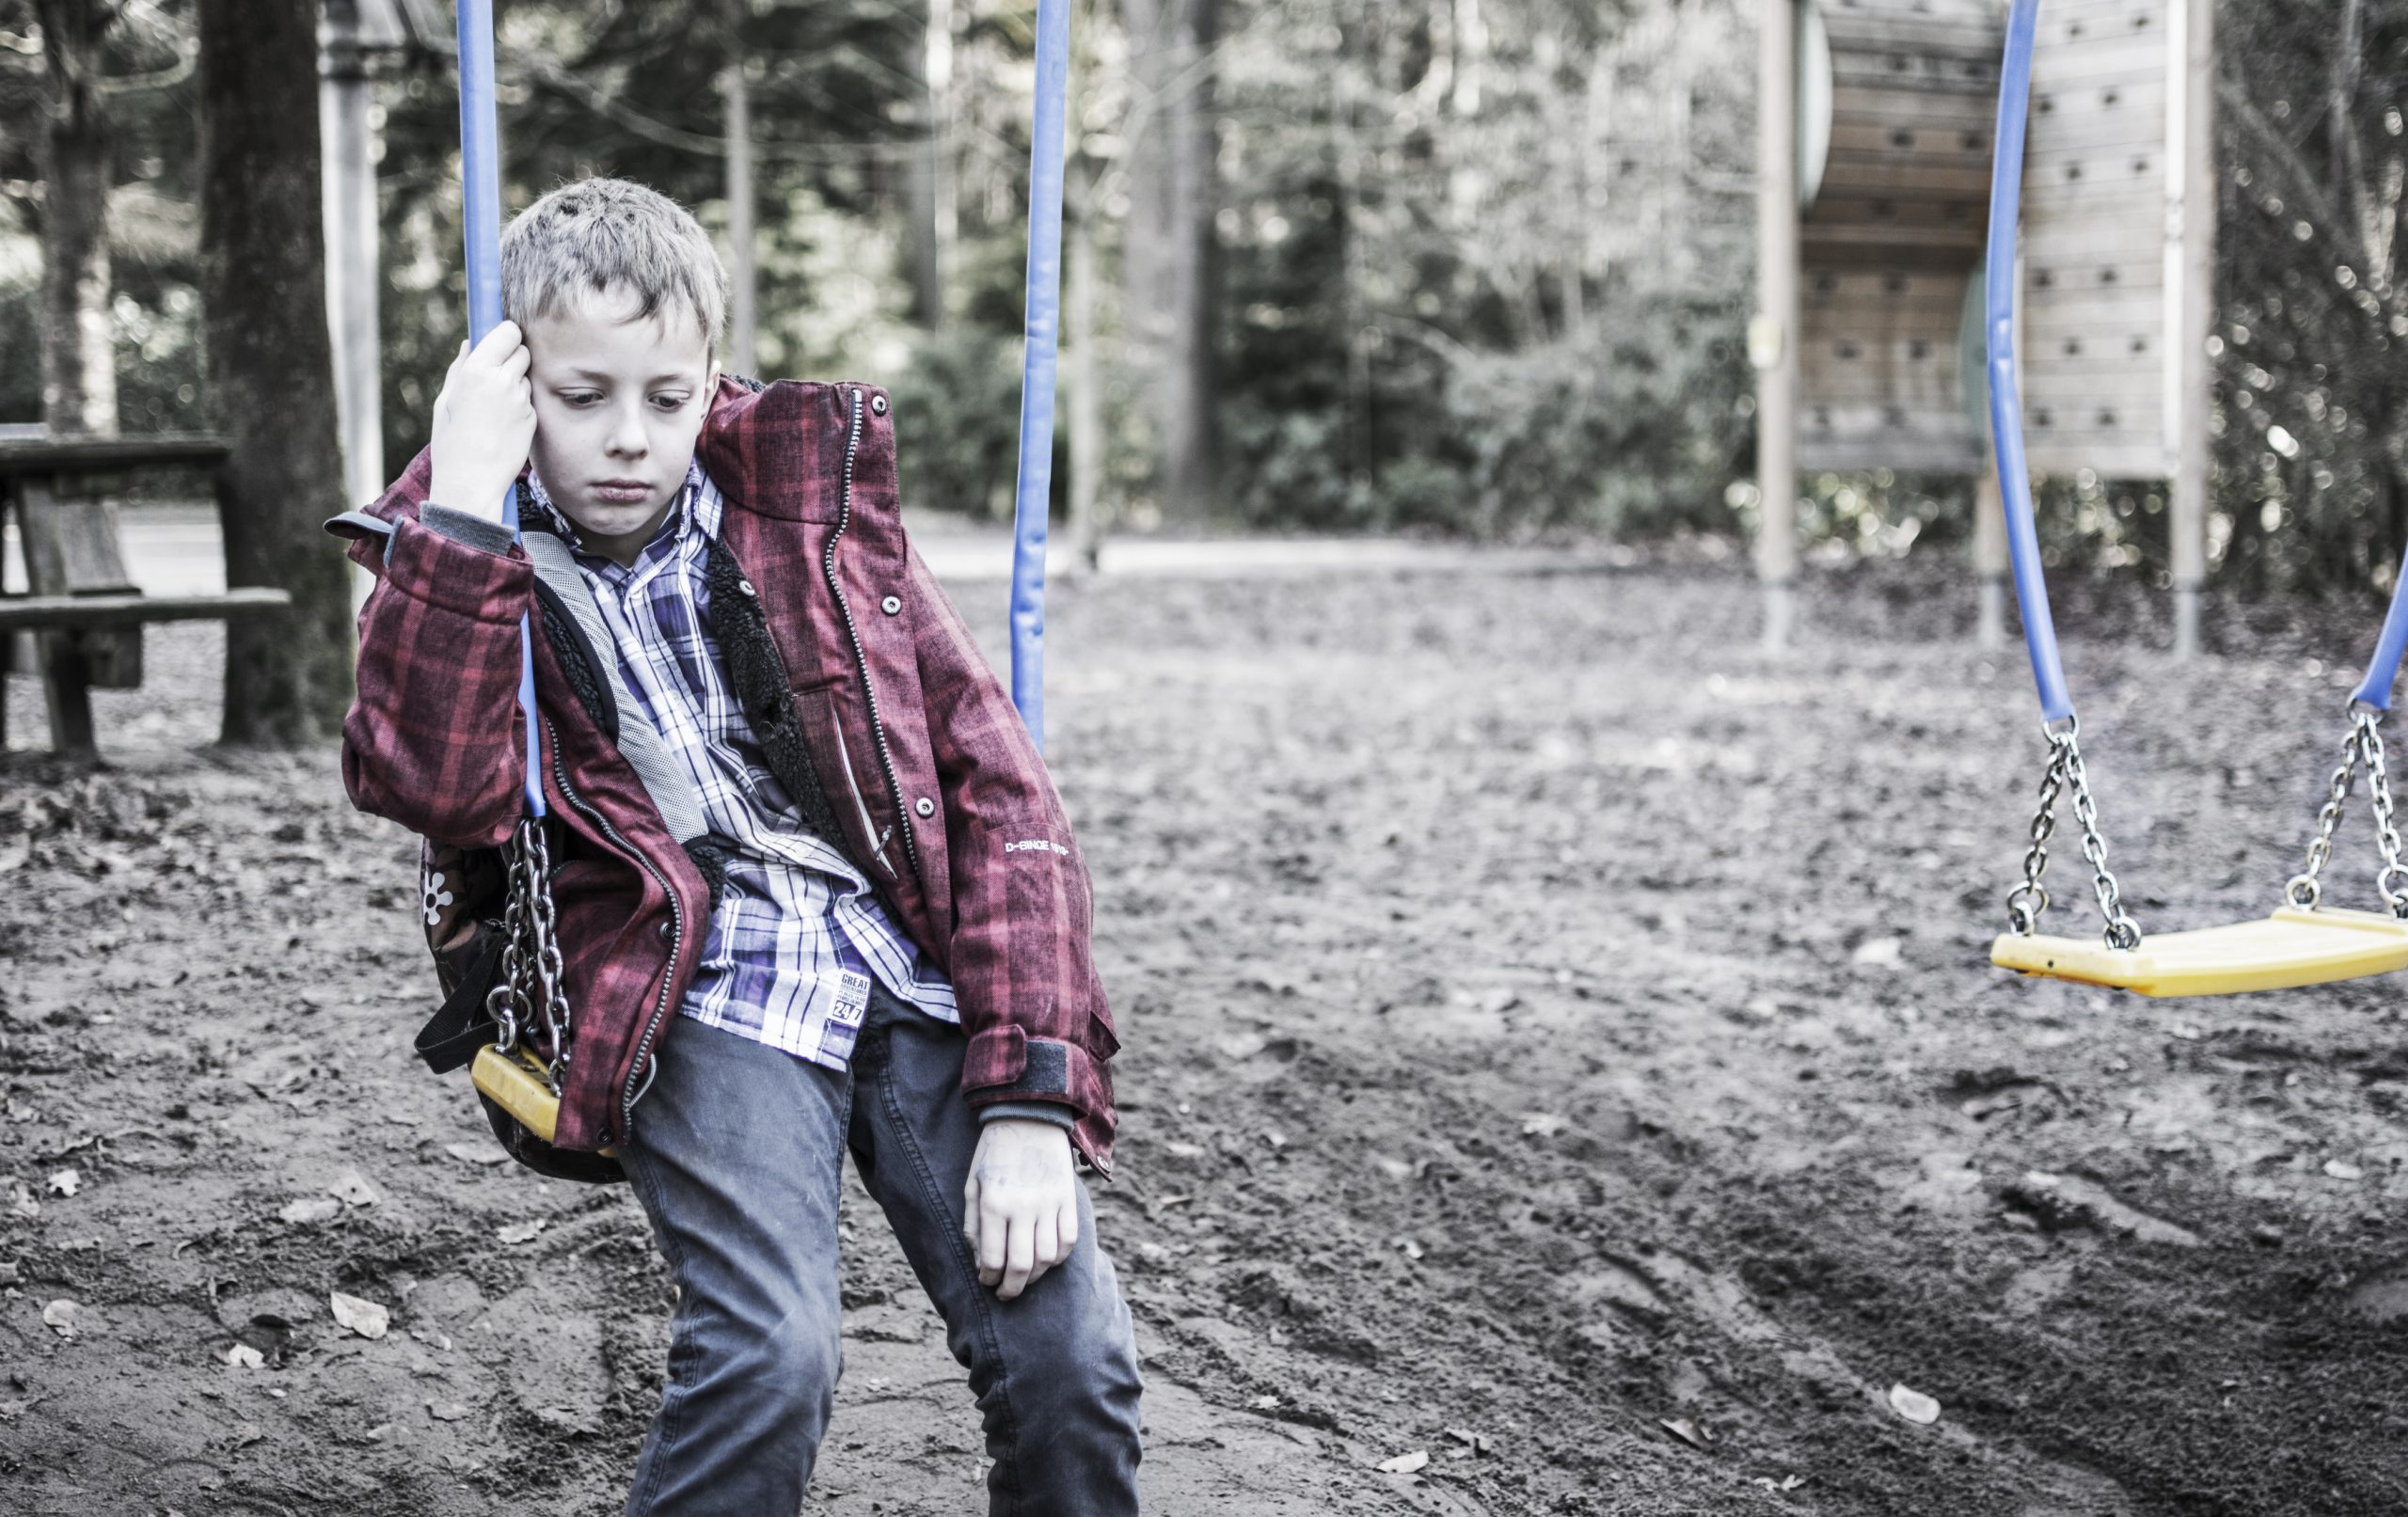 Mein Kind Wird Gemobbt – Und Jetzt? in Mein Kind Wird Gemobbt Wie Kann Ich Helfen